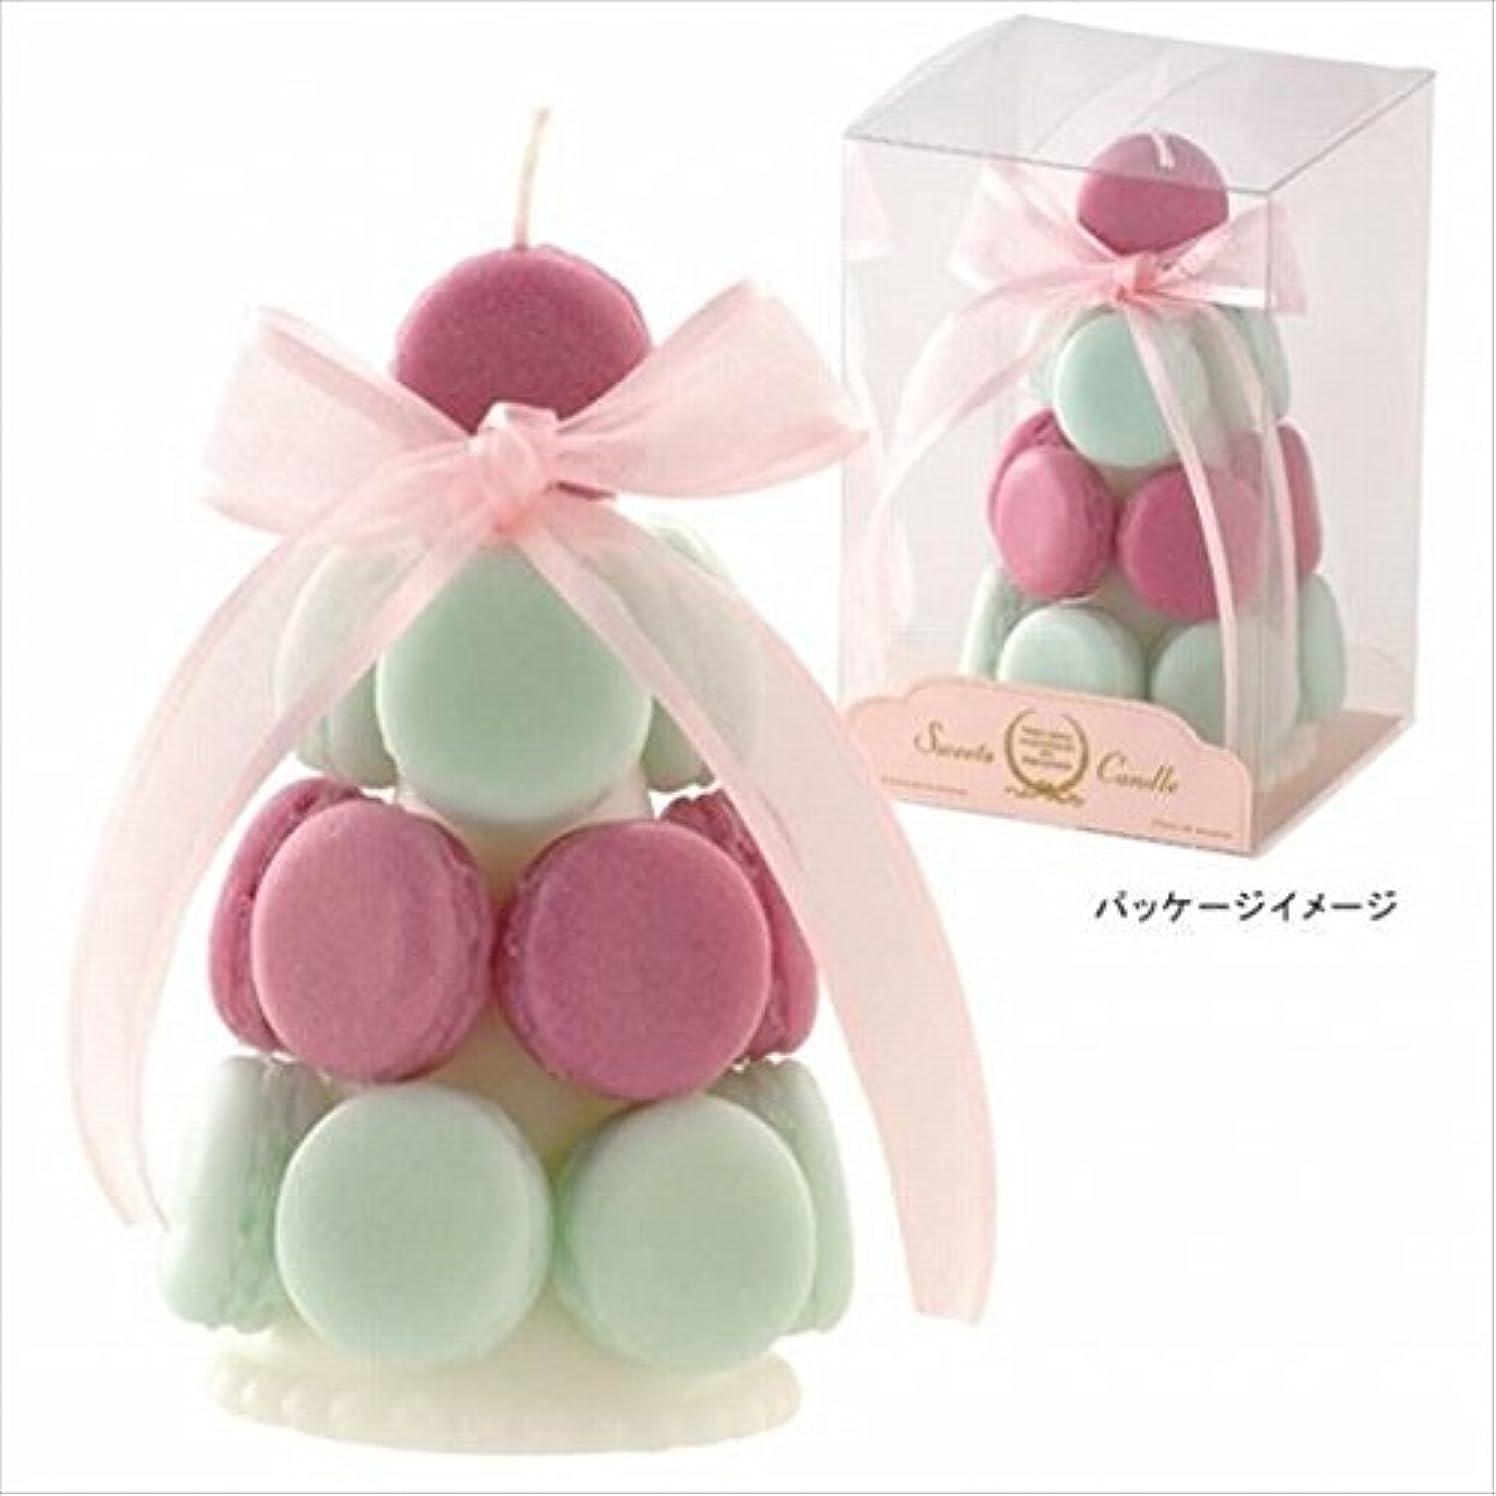 特権的表面広々としたカメヤマキャンドル( kameyama candle ) ハッピーマカロンタワー 「 メロングリーン 」